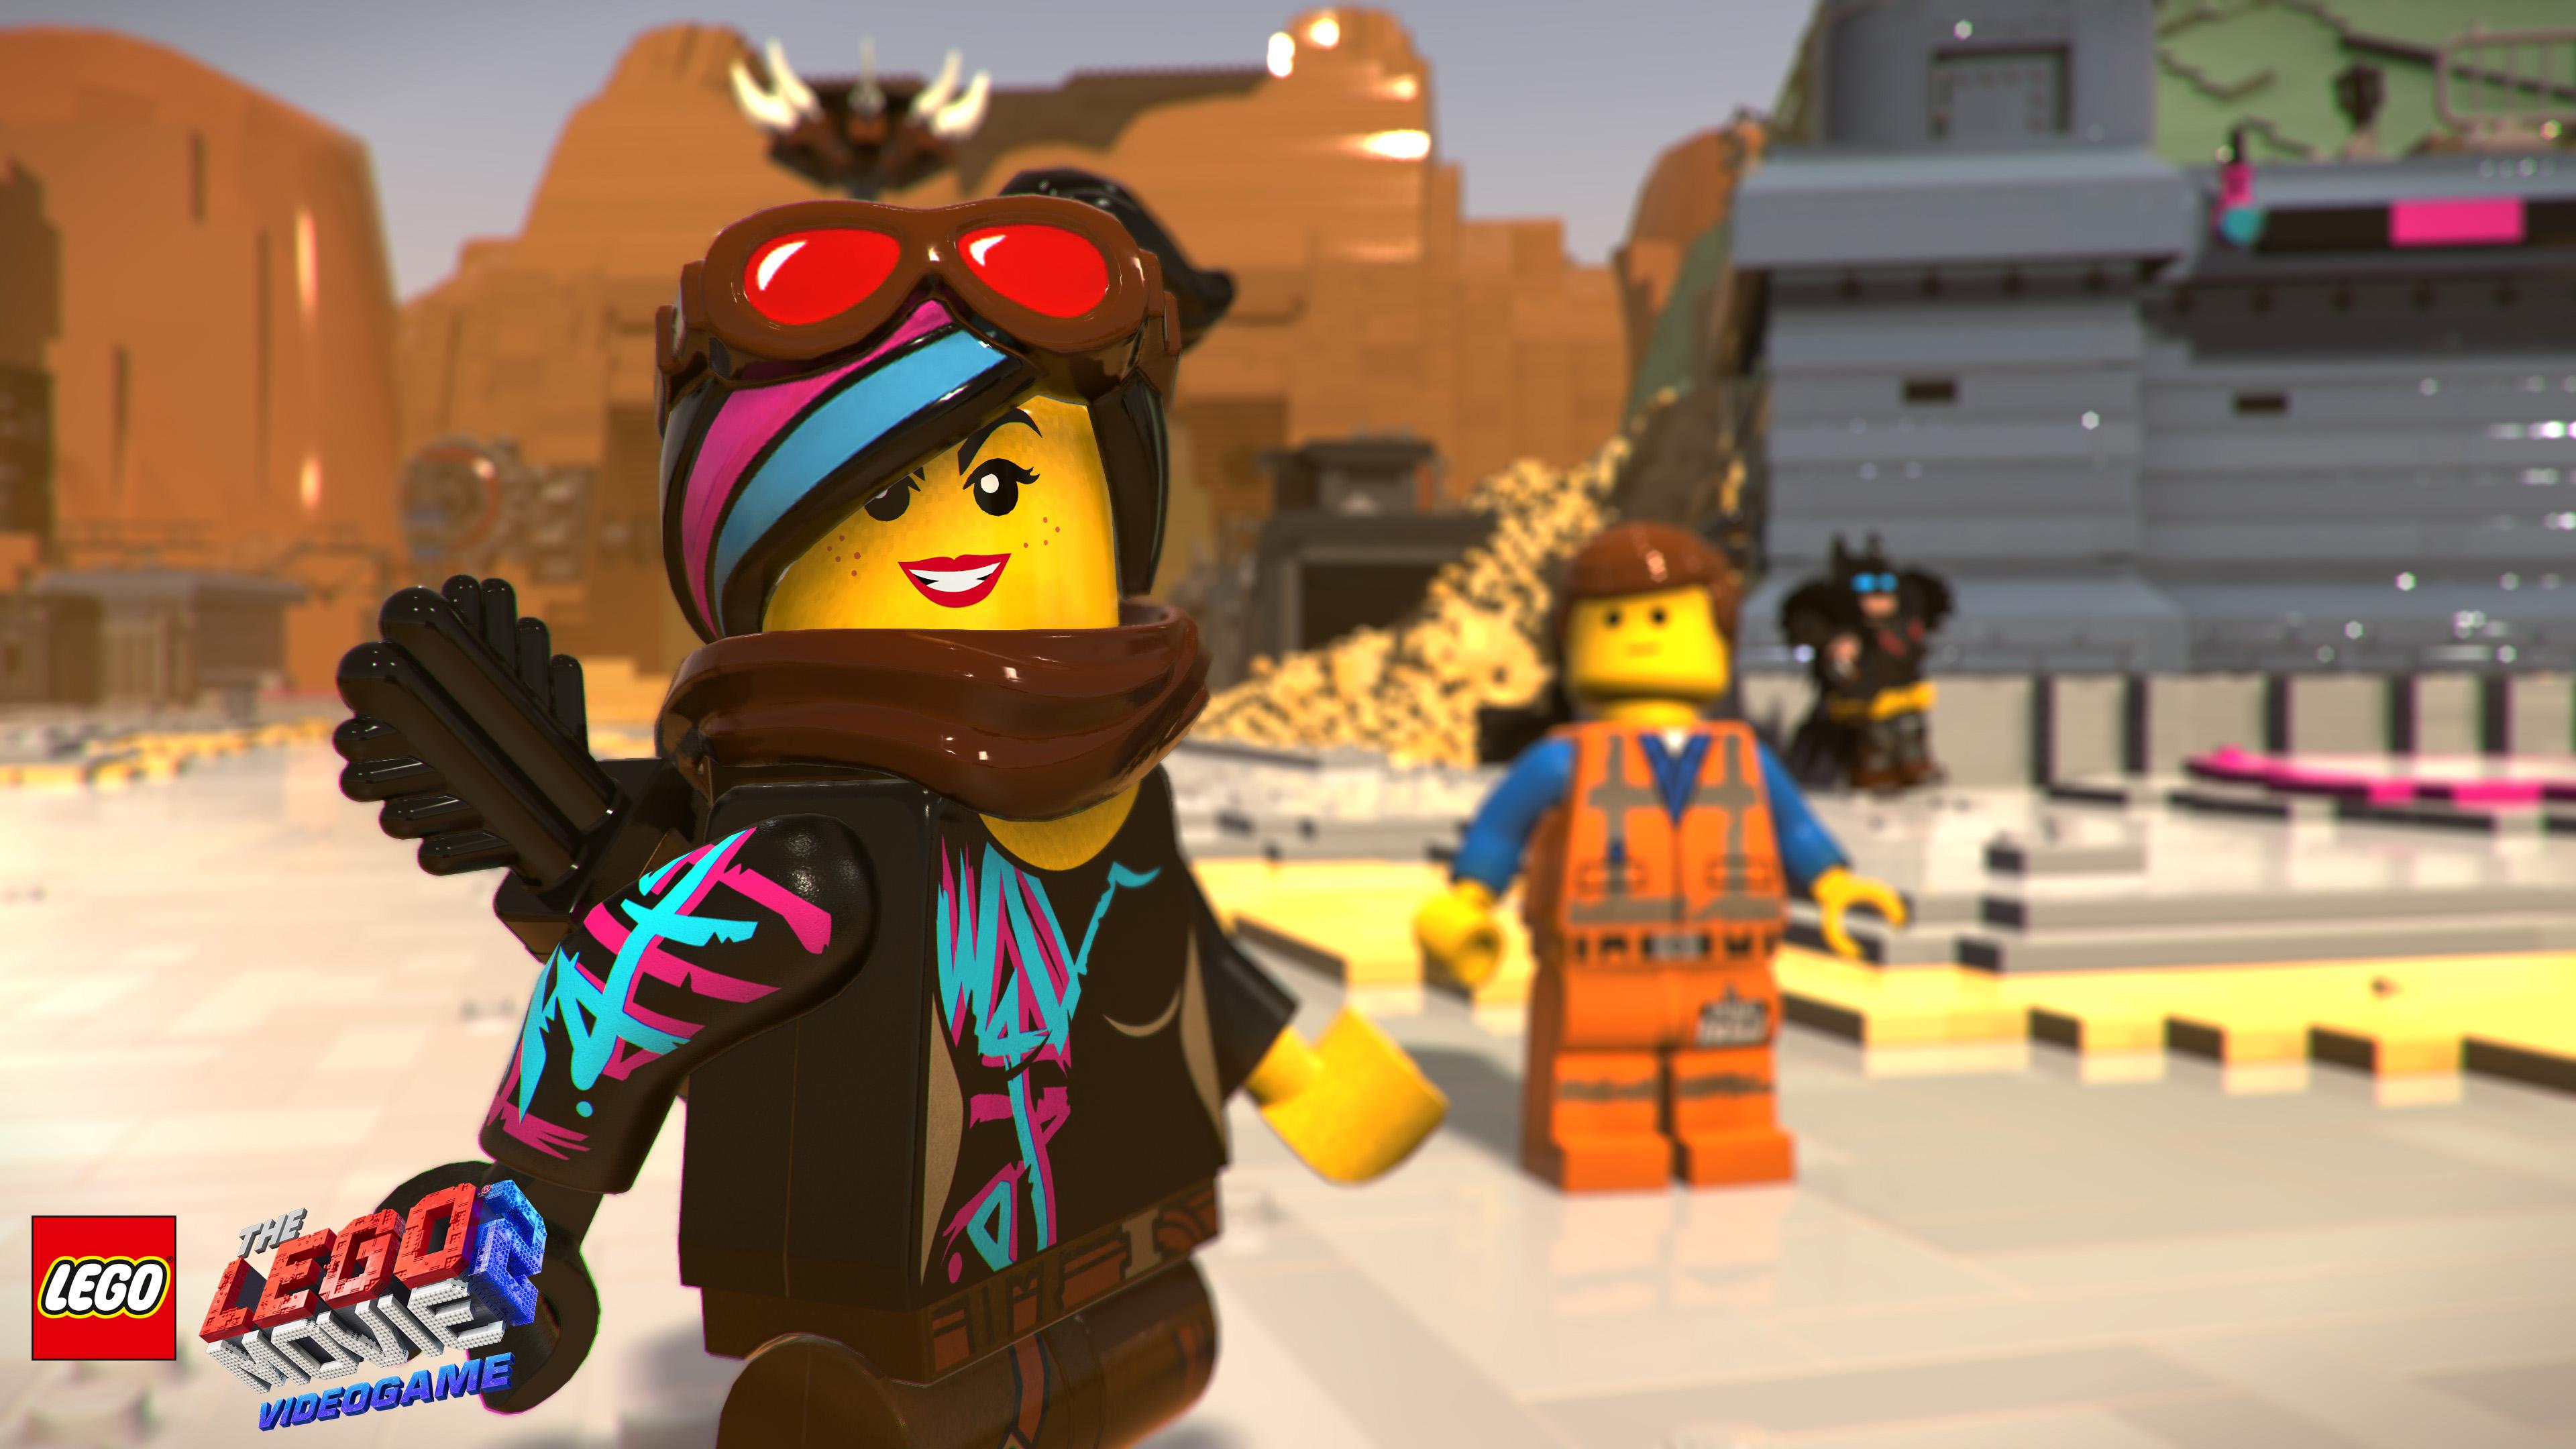 The LEGO Movie 2 Videogame | Novo jogo da LEGO inspirado no filme é anunciado